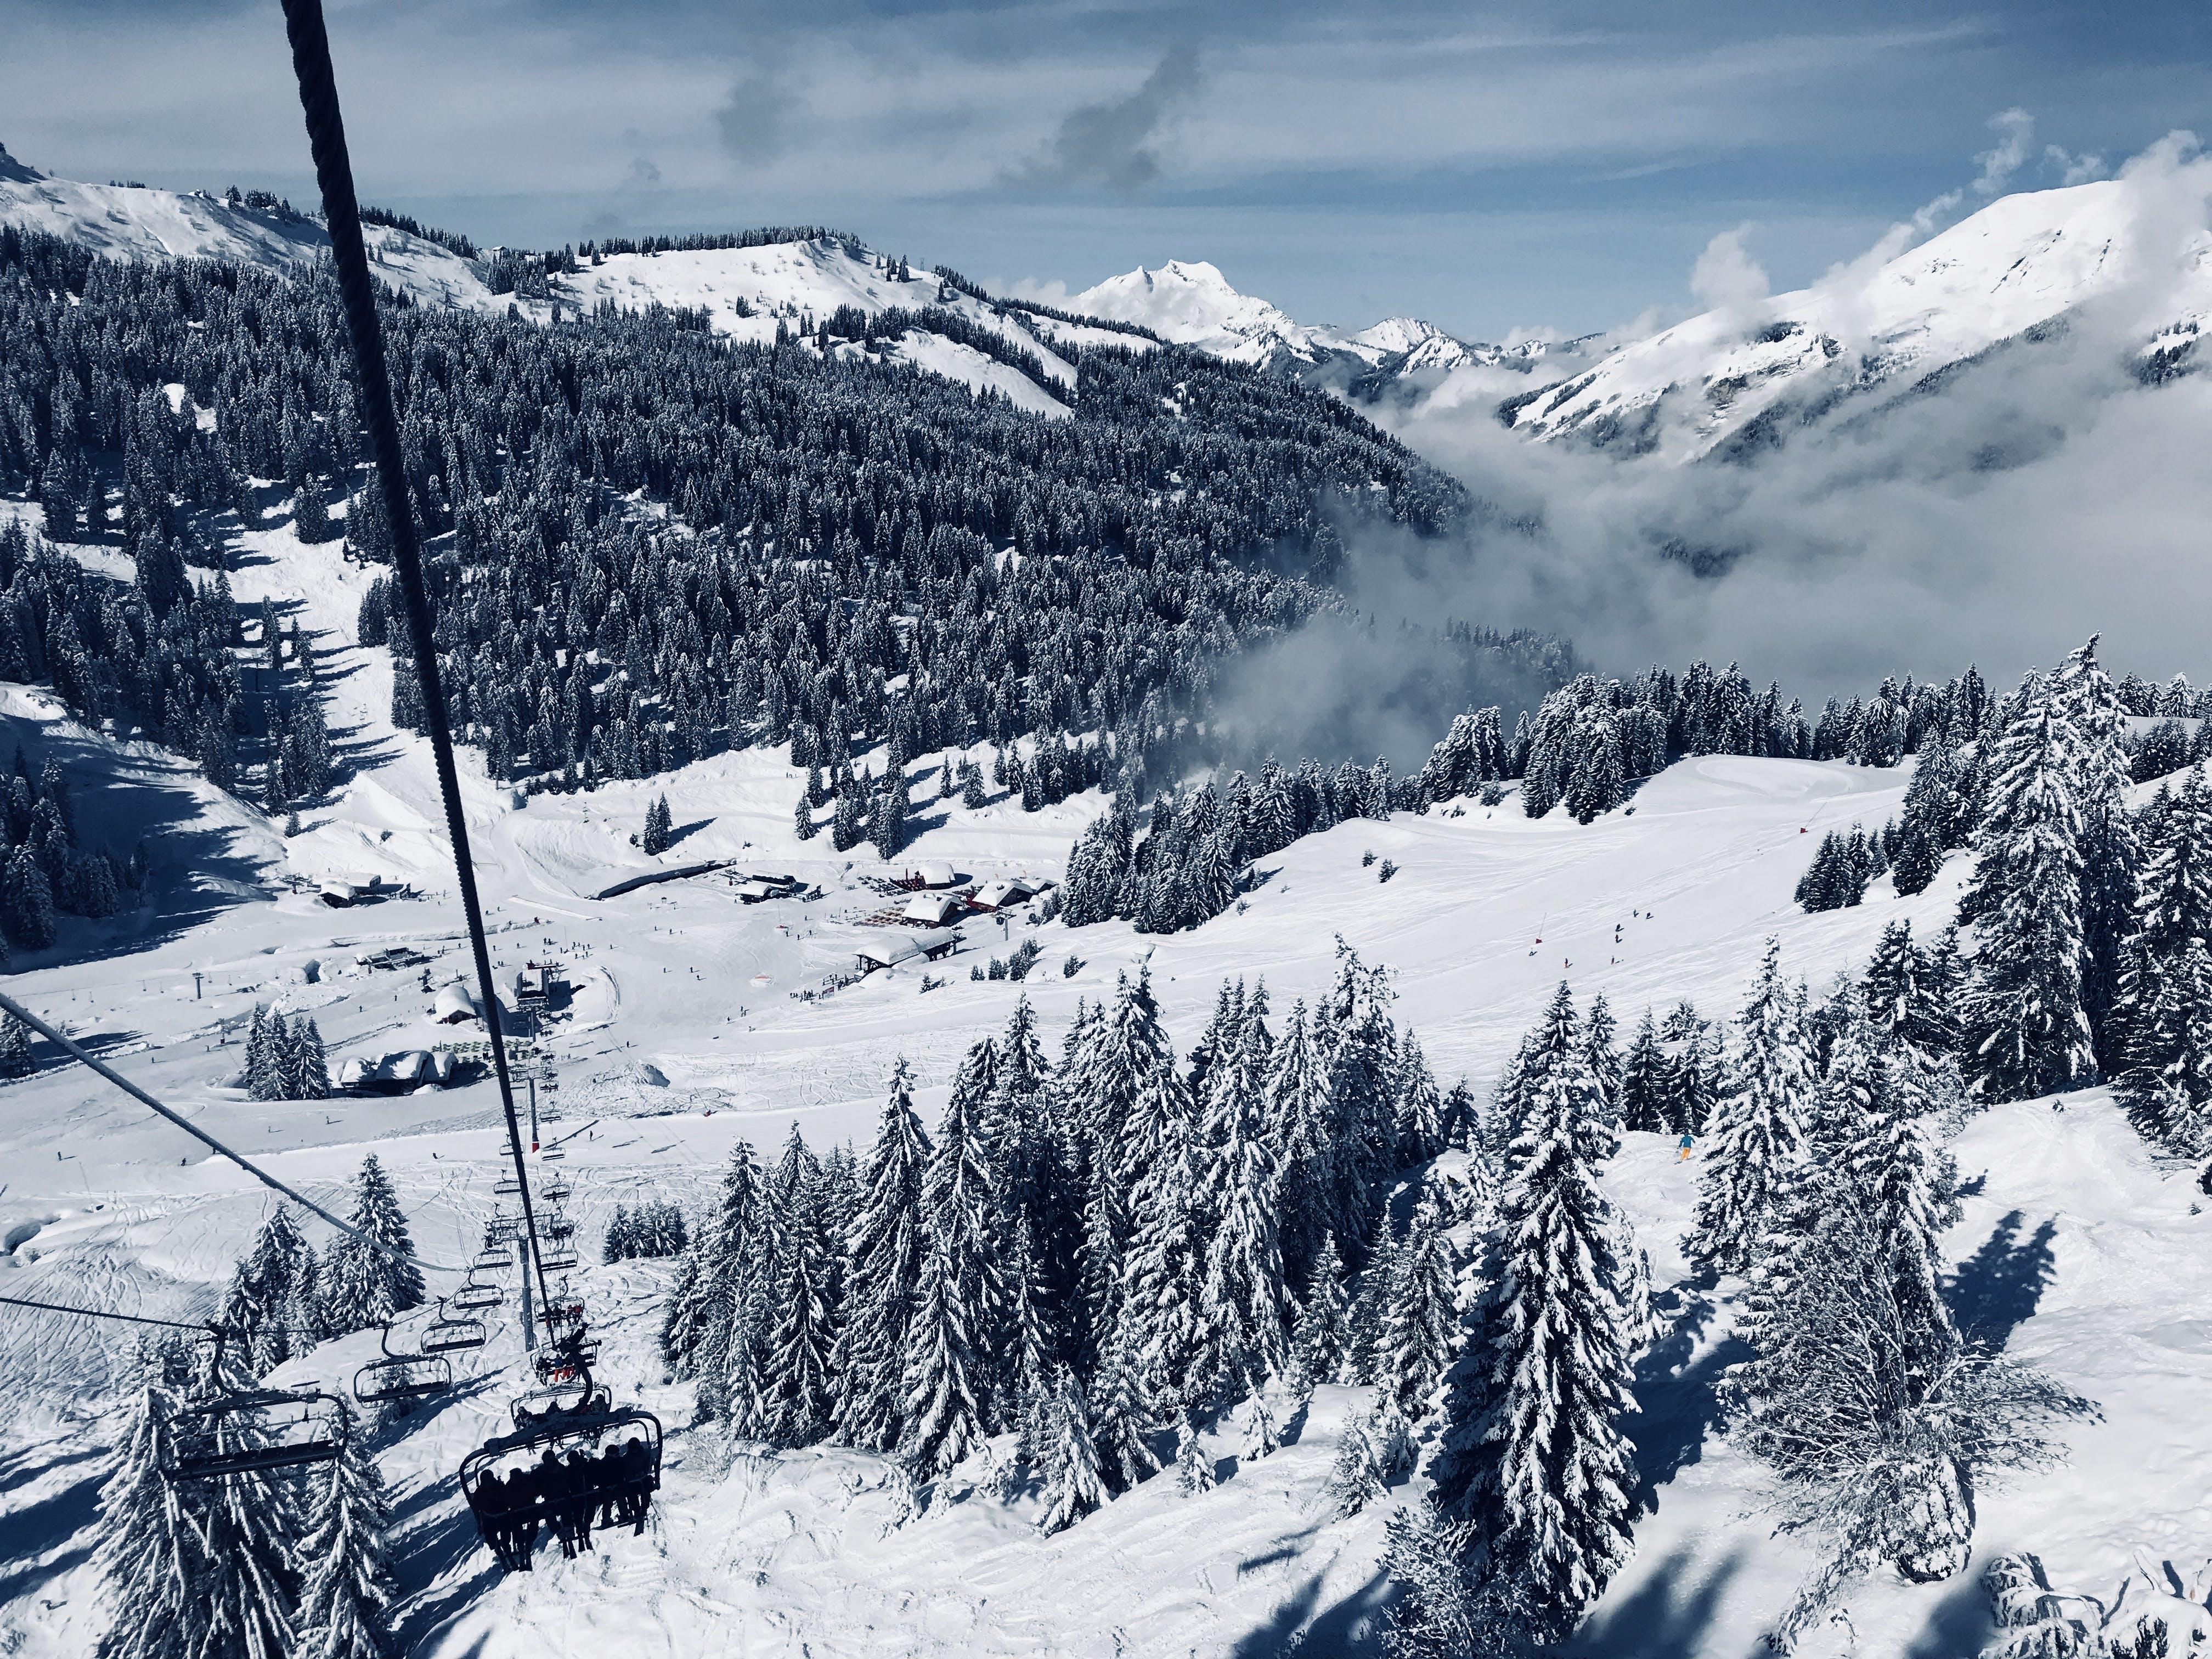 Gratis arkivbilde med alpin, årstid, dagslys, dagtid